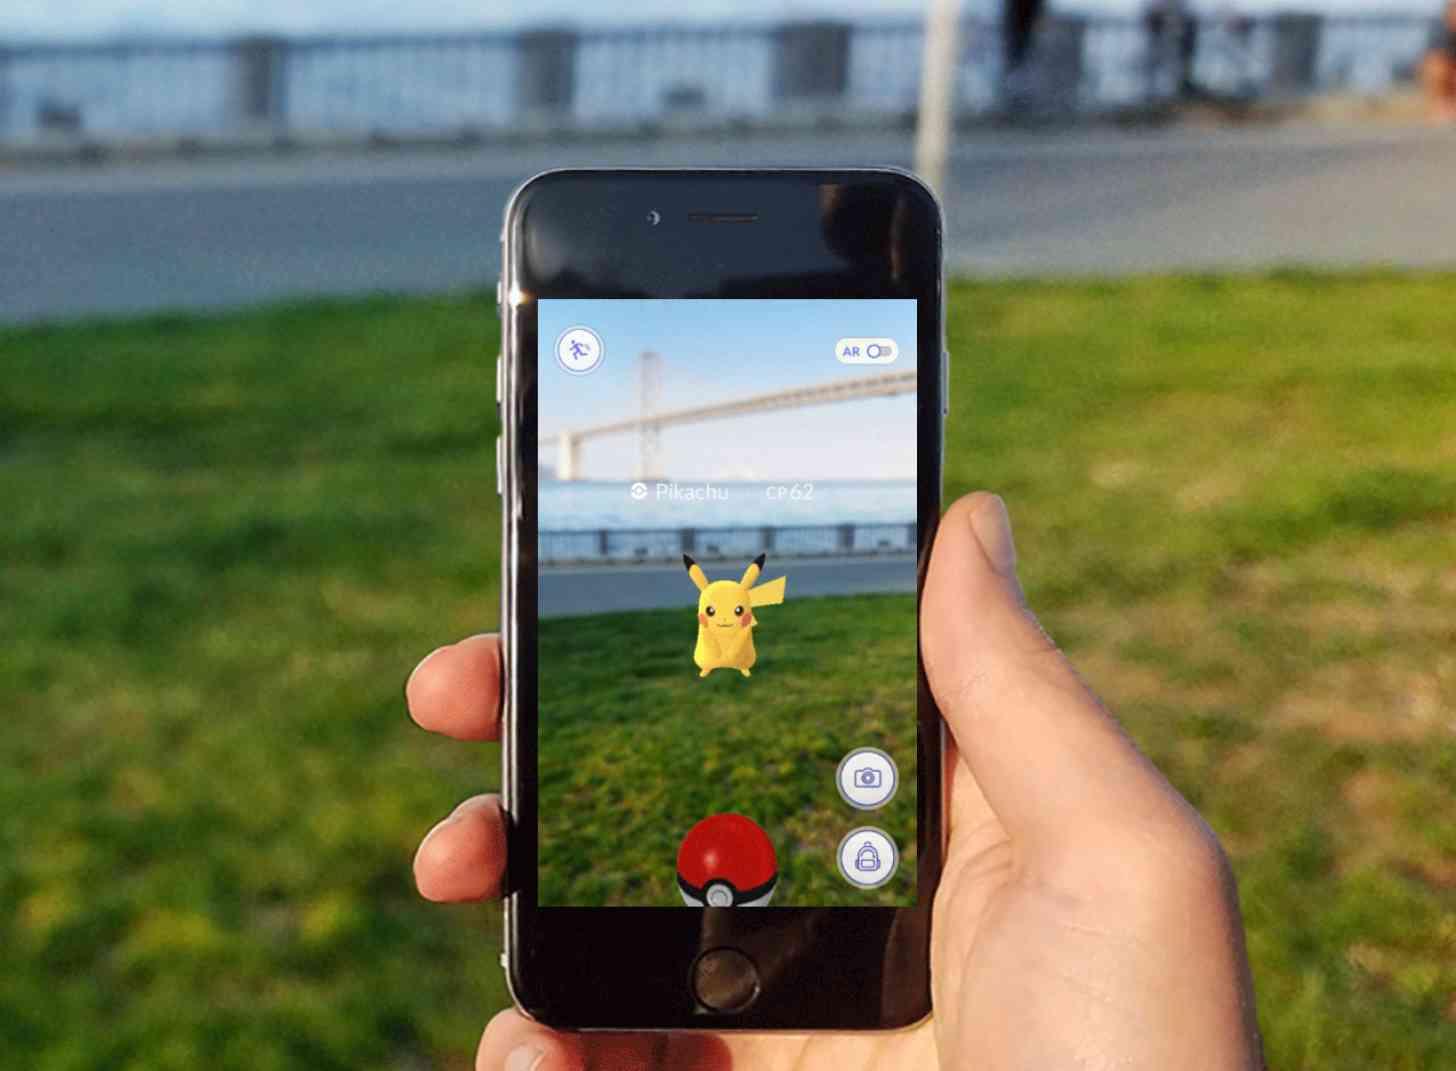 Pokémon Go Pikachu in game